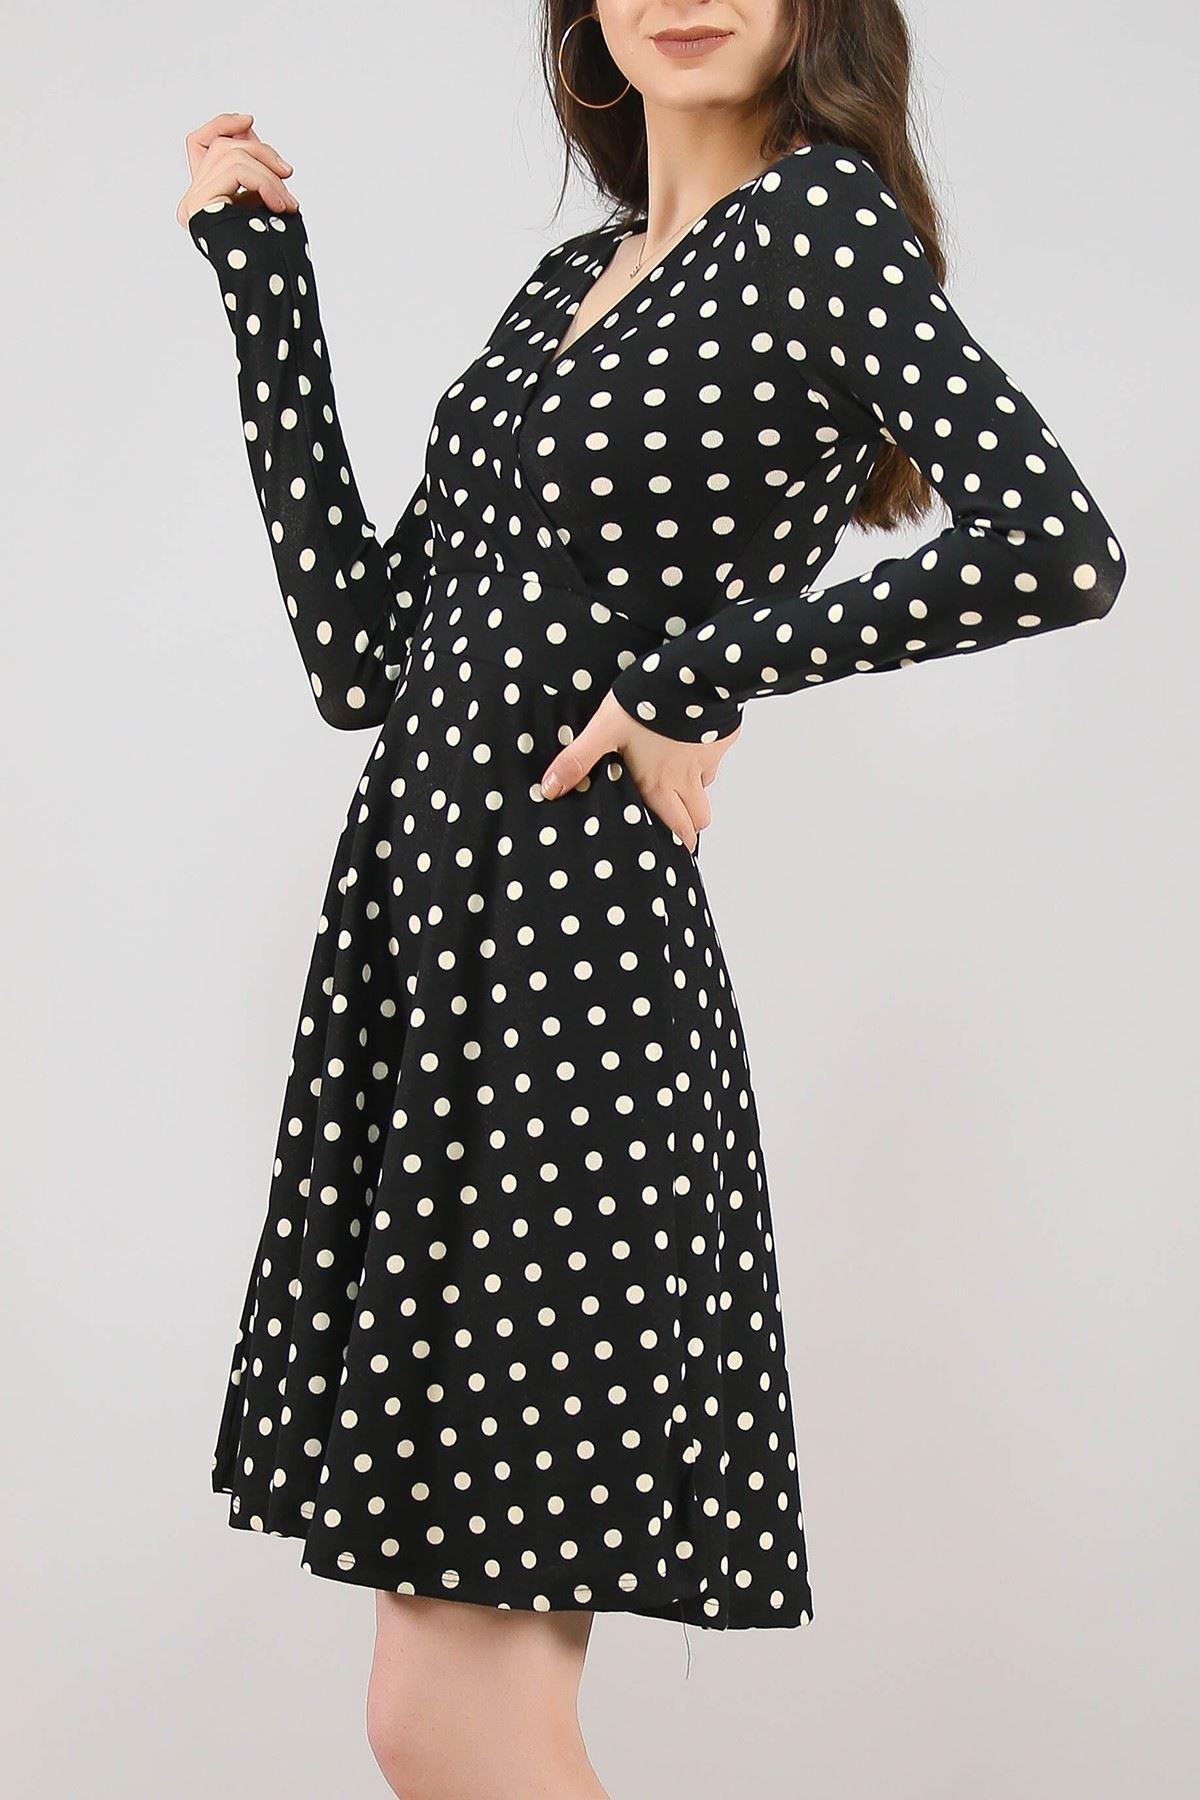 Desenli Elbise Siyahpuanlı - 4986.716.